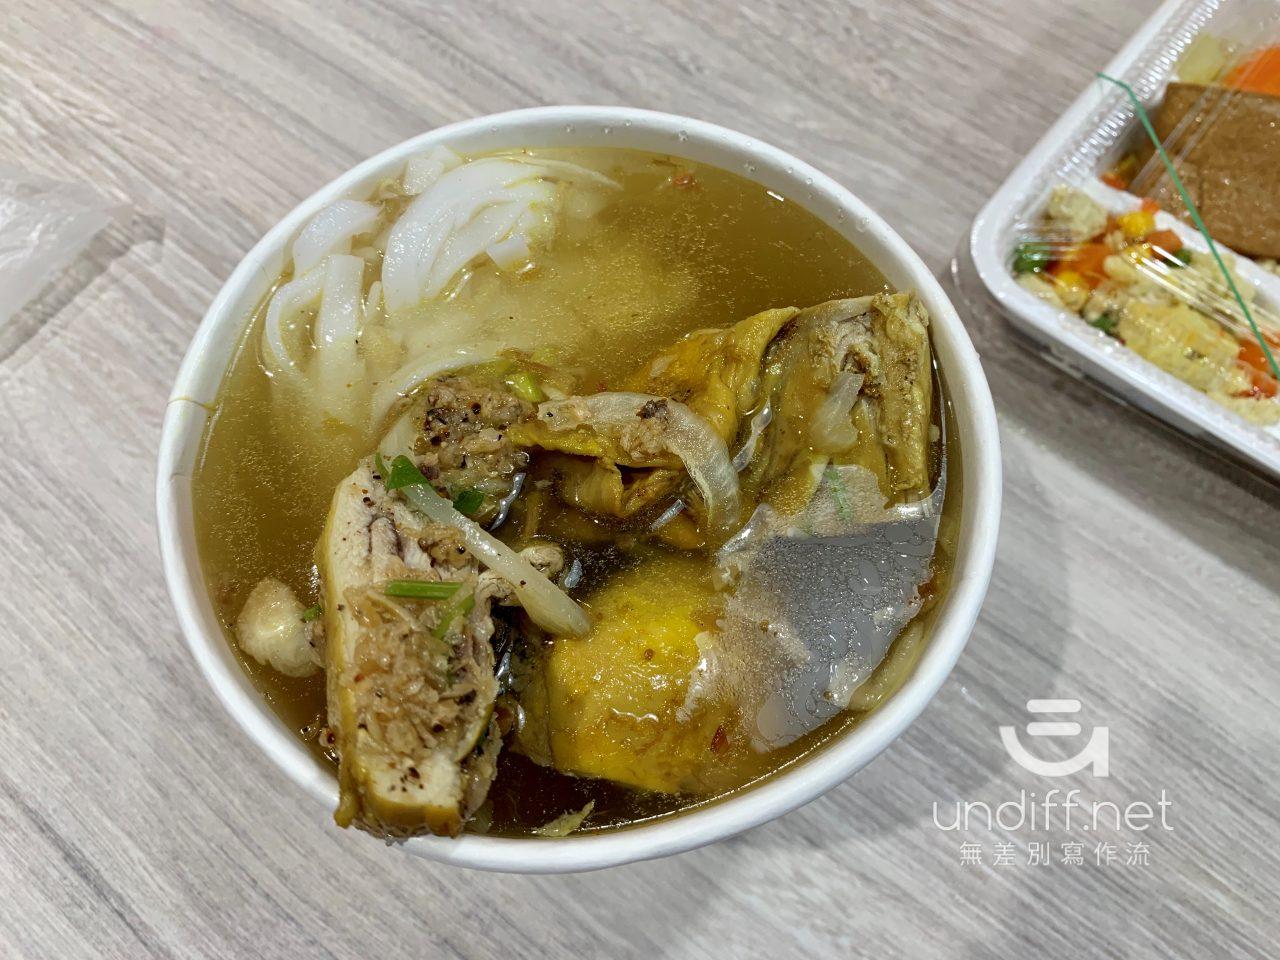 【內湖 訂便當日記】日嚐 Taste&Enjoy 南洋風味料理 32